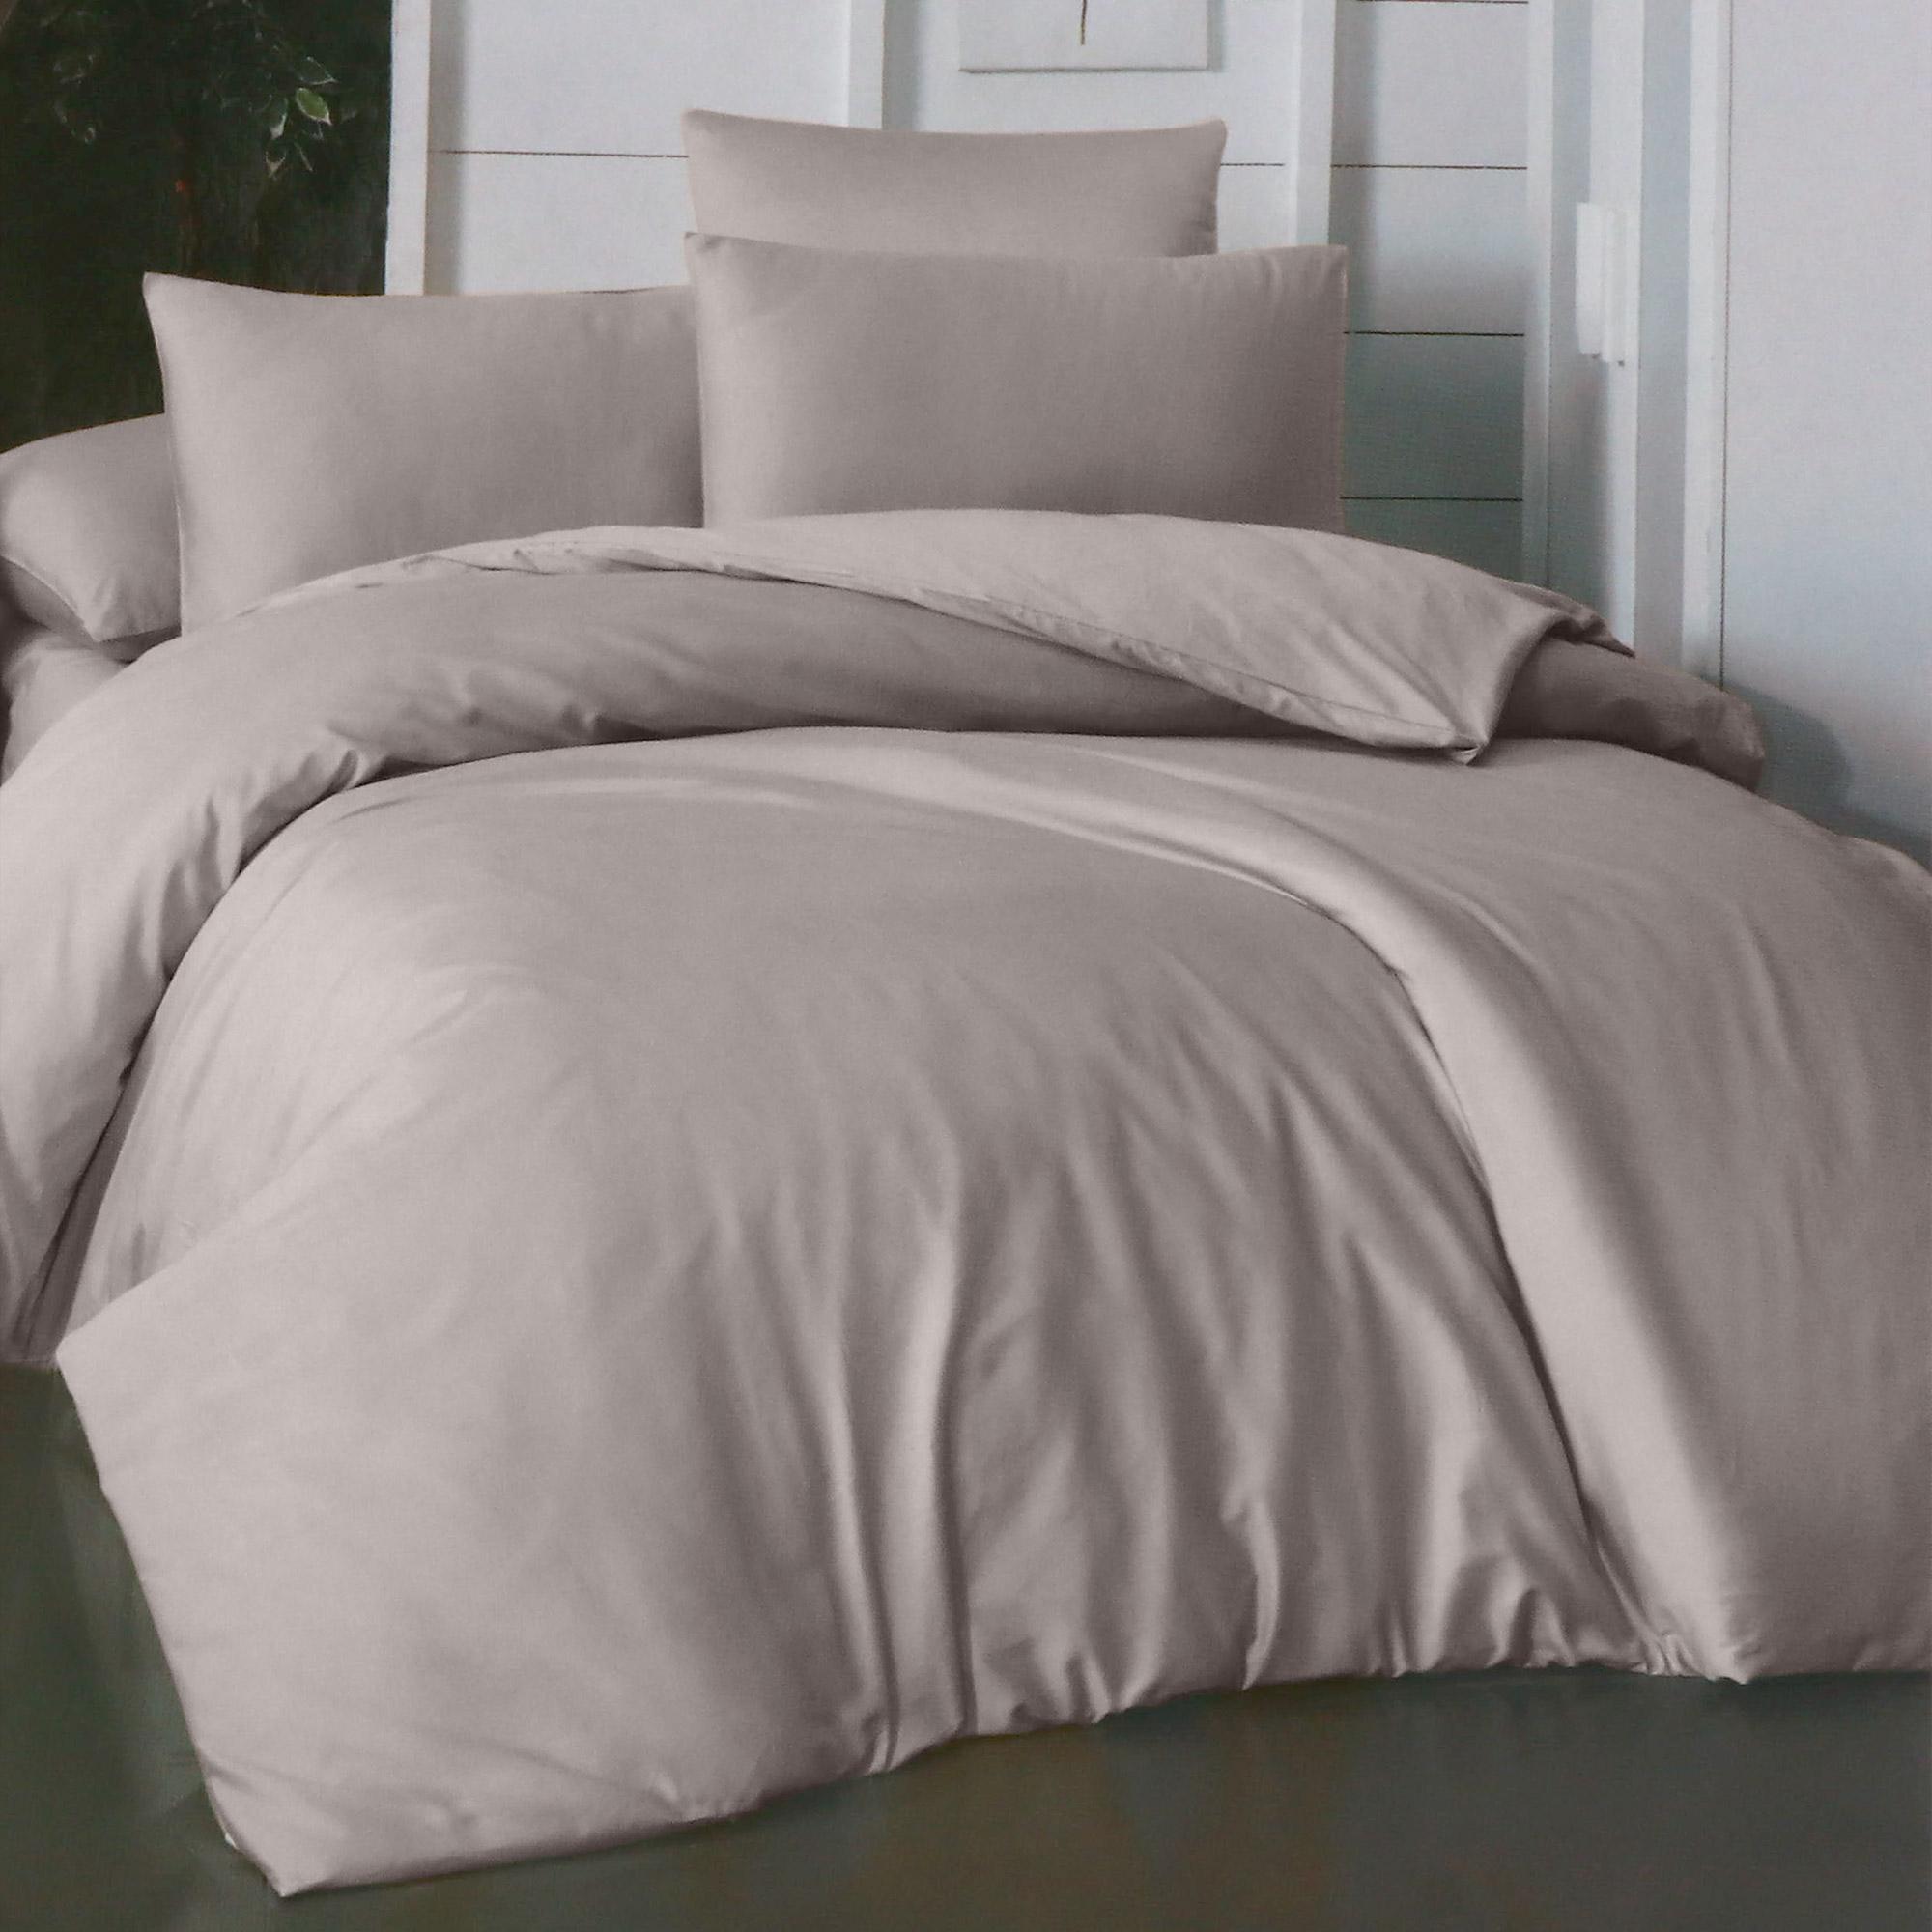 Фото - Комплект постельного белья La Besse Ранфорс тёмно-серый Евро комплект постельного белья la besse ранфорс тёмно серый евро